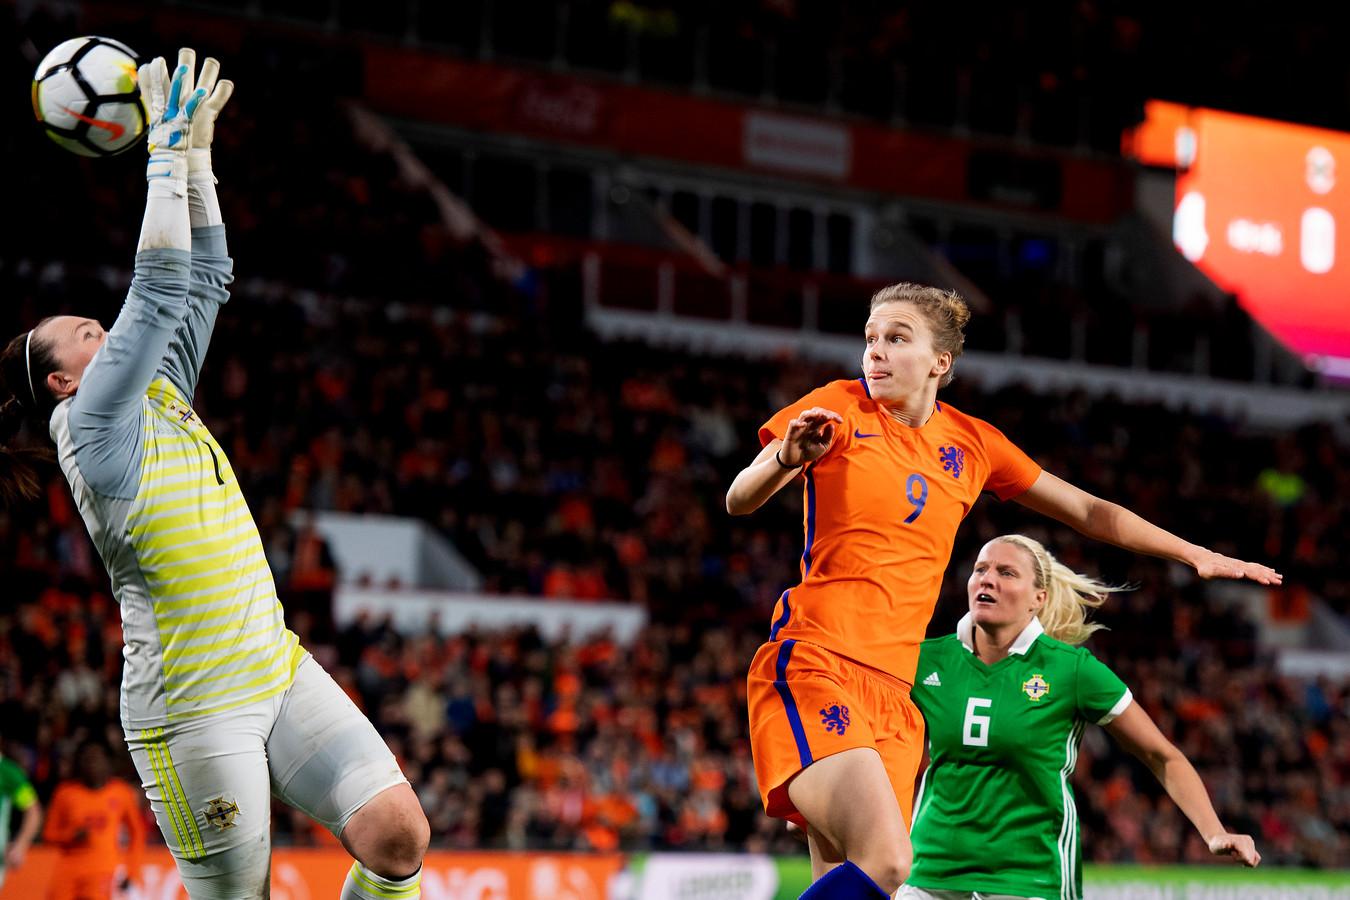 Een doelpoging van Vivianne Miedema in het Philips Stadion.